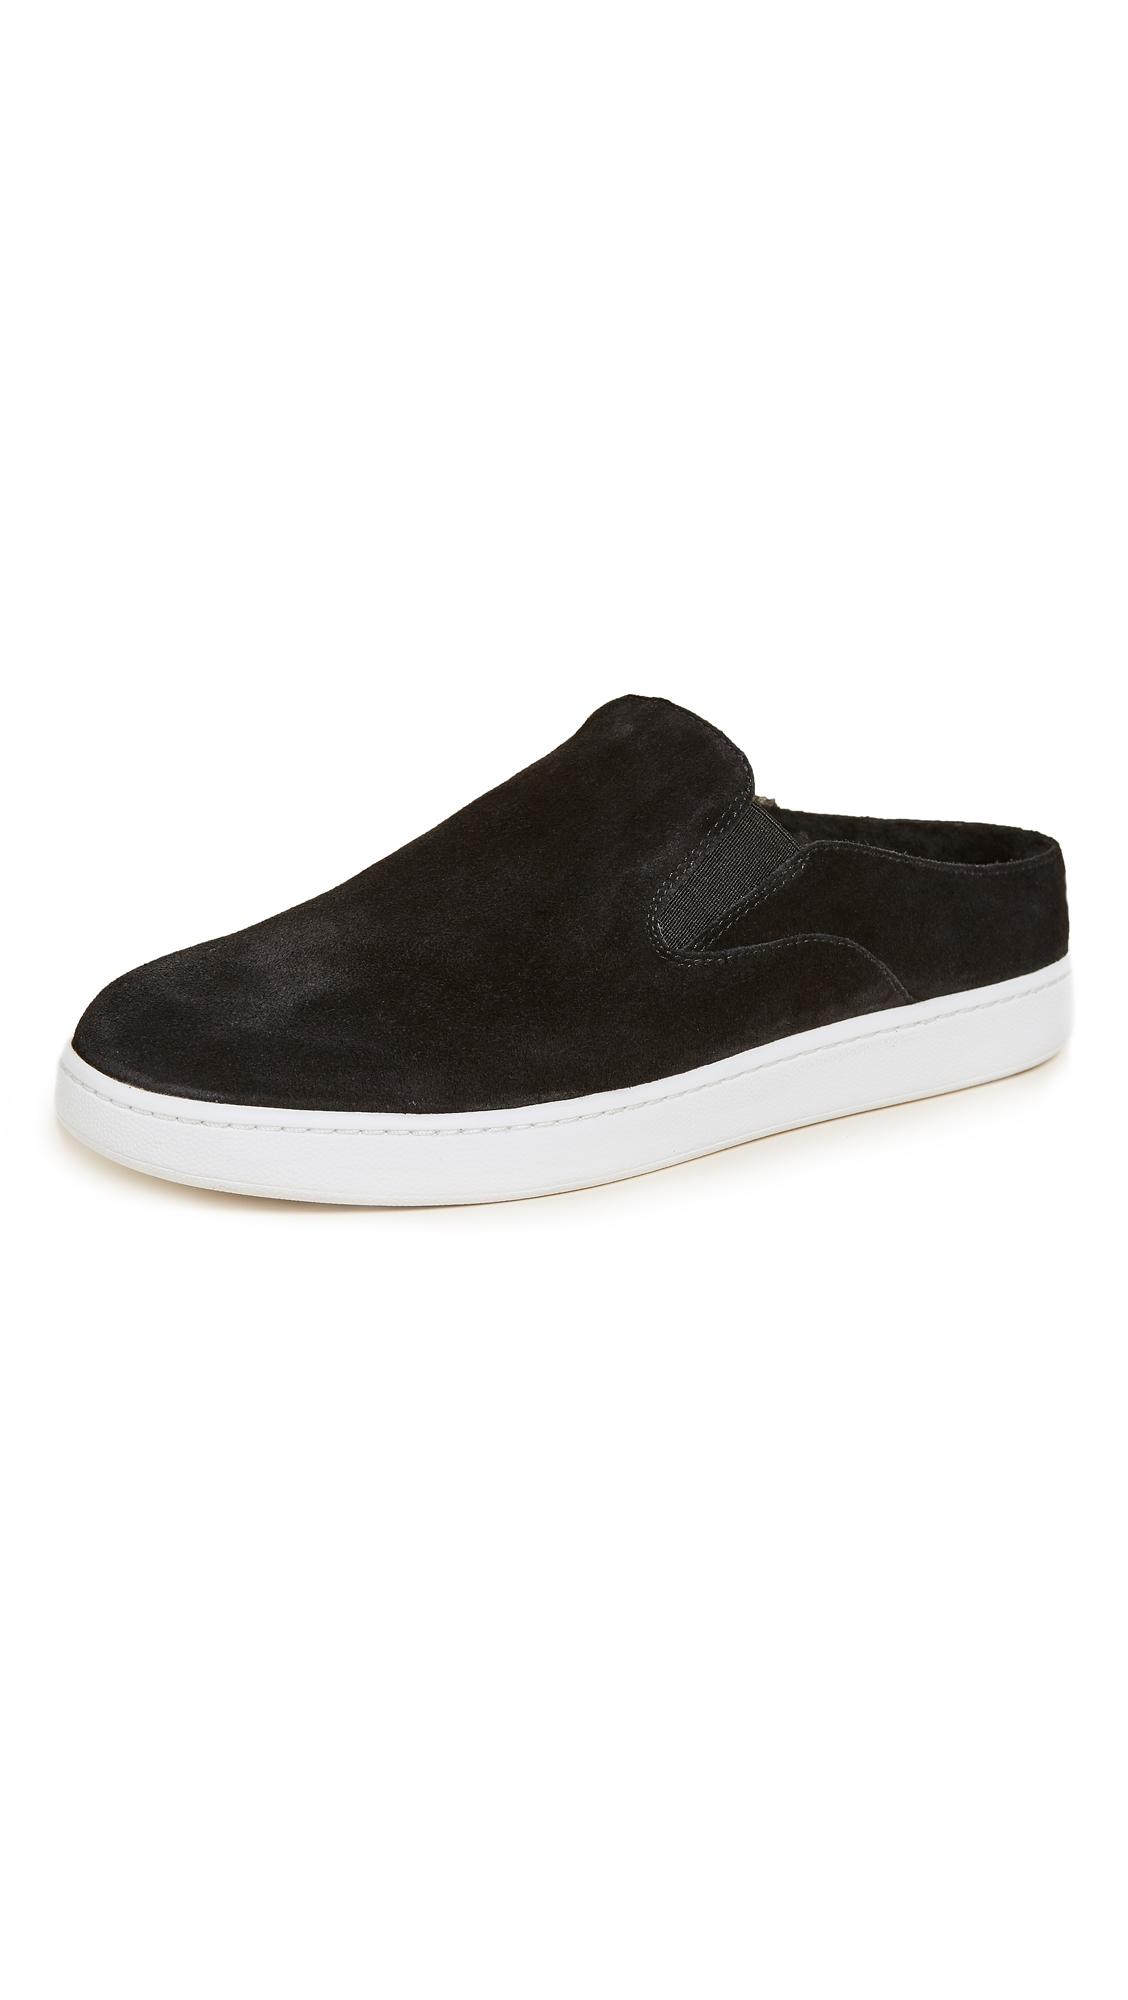 Vince Verrell 3 Slip On Mule Sneakers - Black